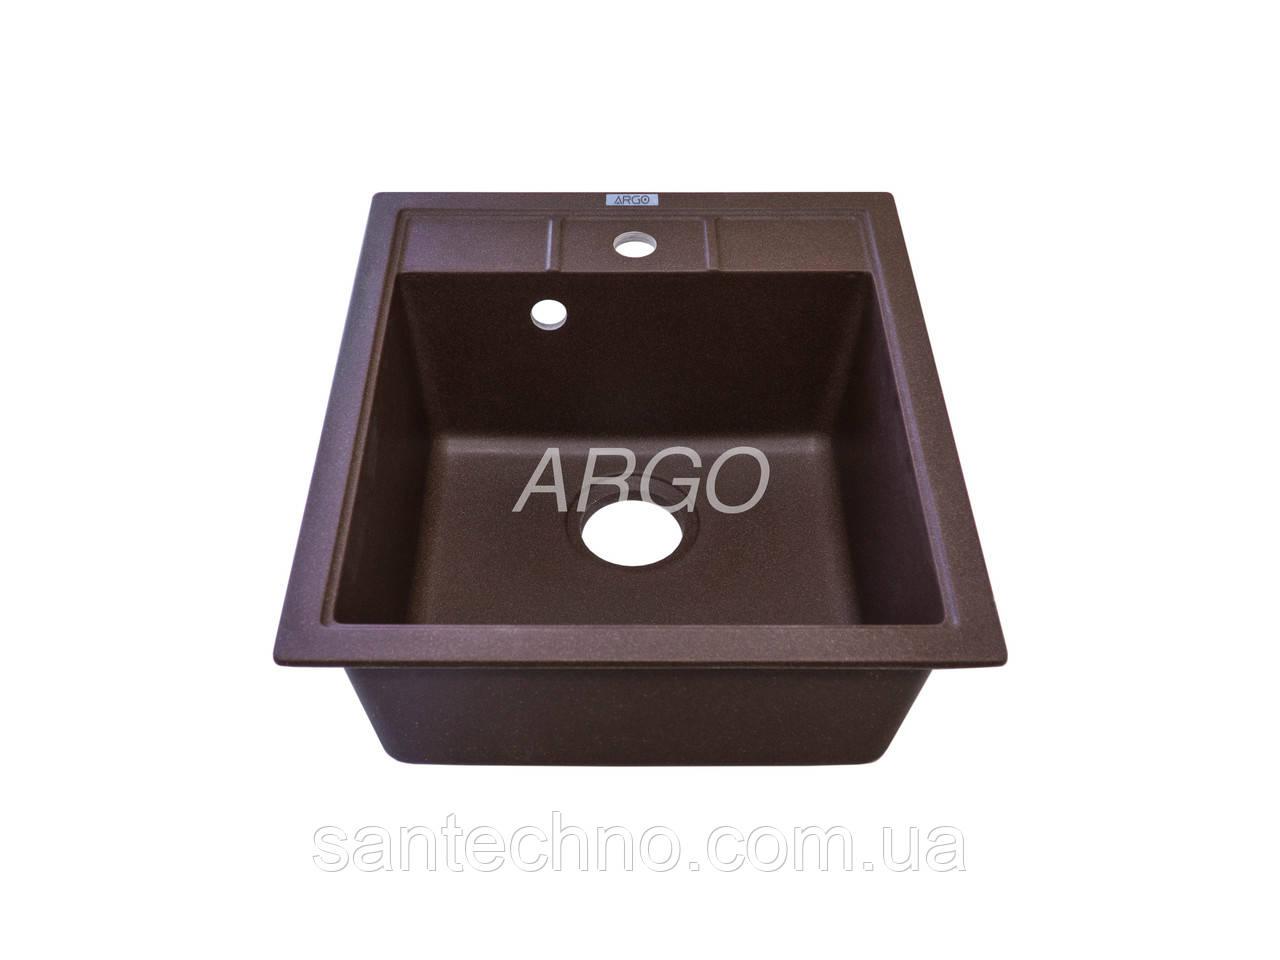 Прямоугольная одночашевая гранитная мойка Argo Bella Brown 460*515*200